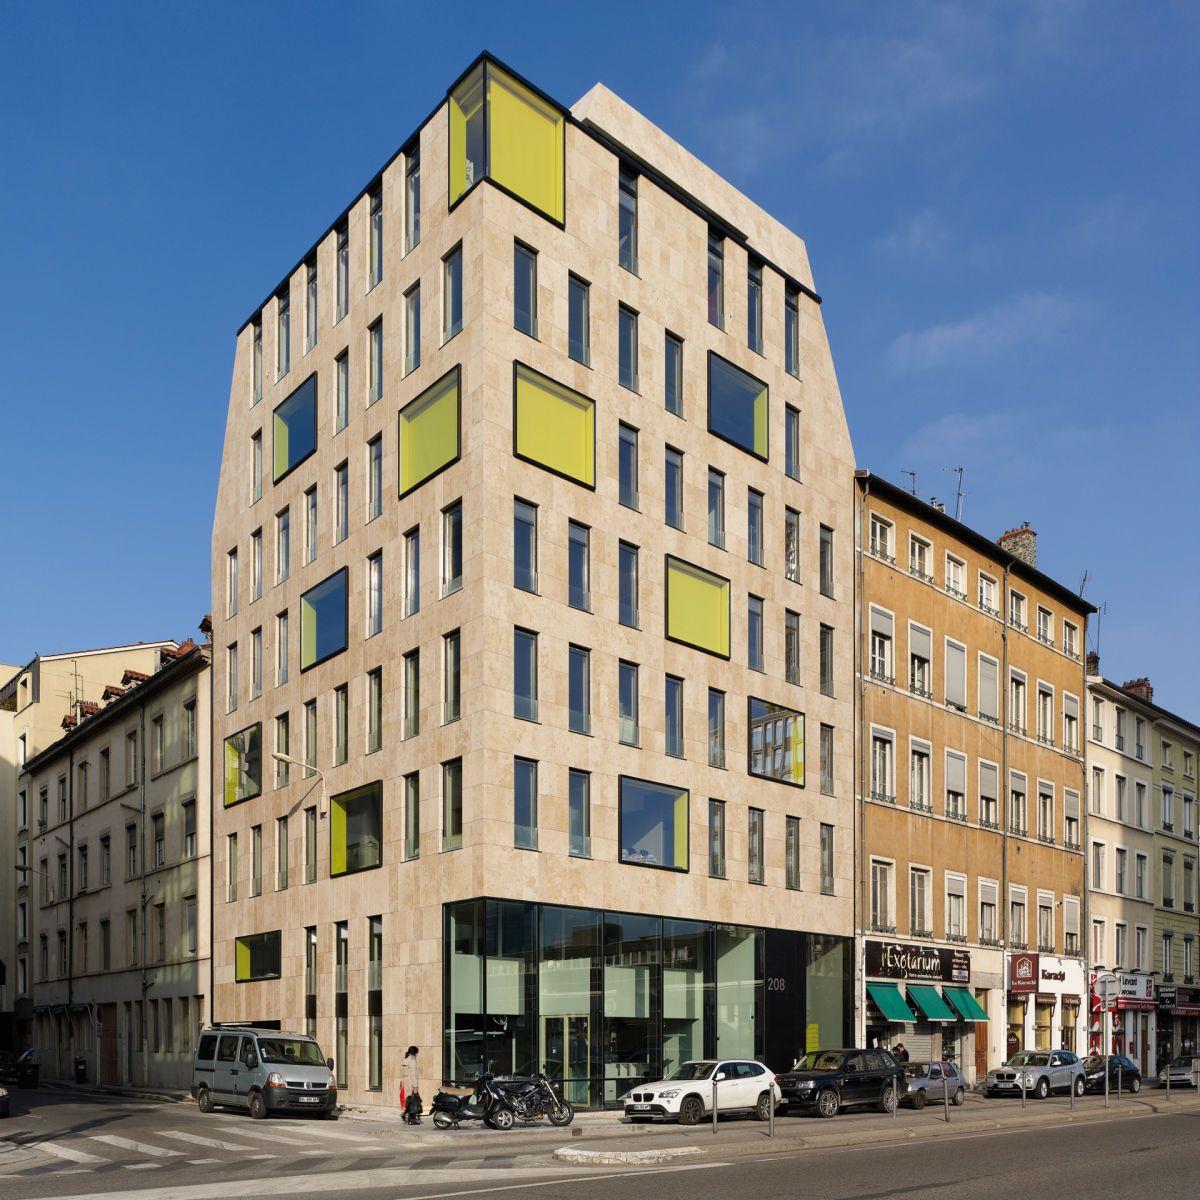 L 39 immeuble 208 garibaldi situ dans le quartier de la part dieu lyon accueille le si ge social - Bureau d etude paysage lyon ...